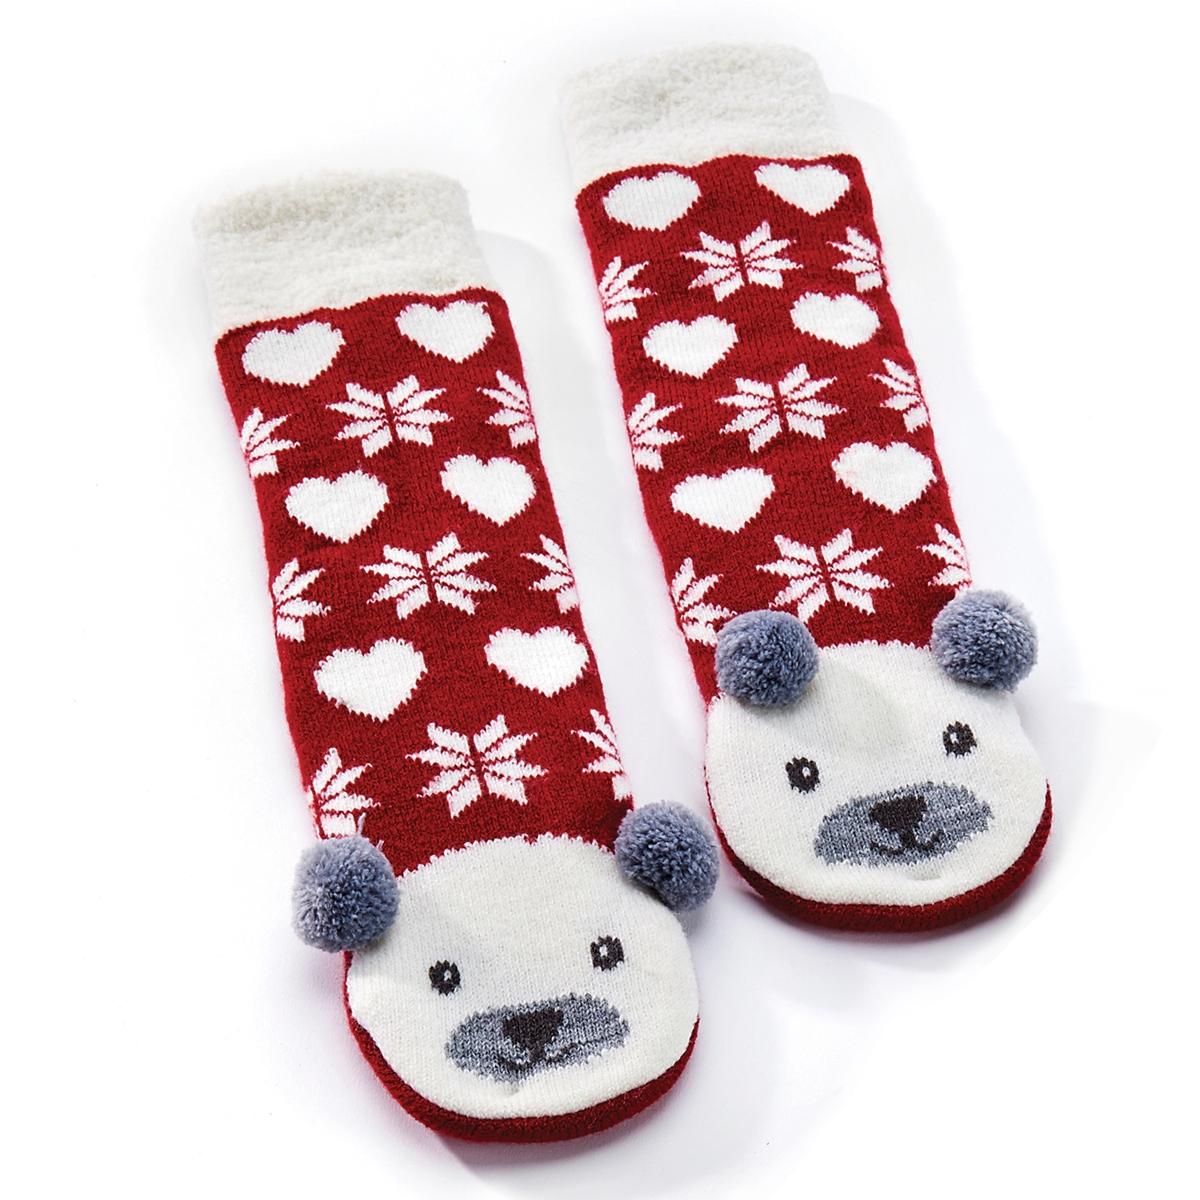 Bears Slipper Socks